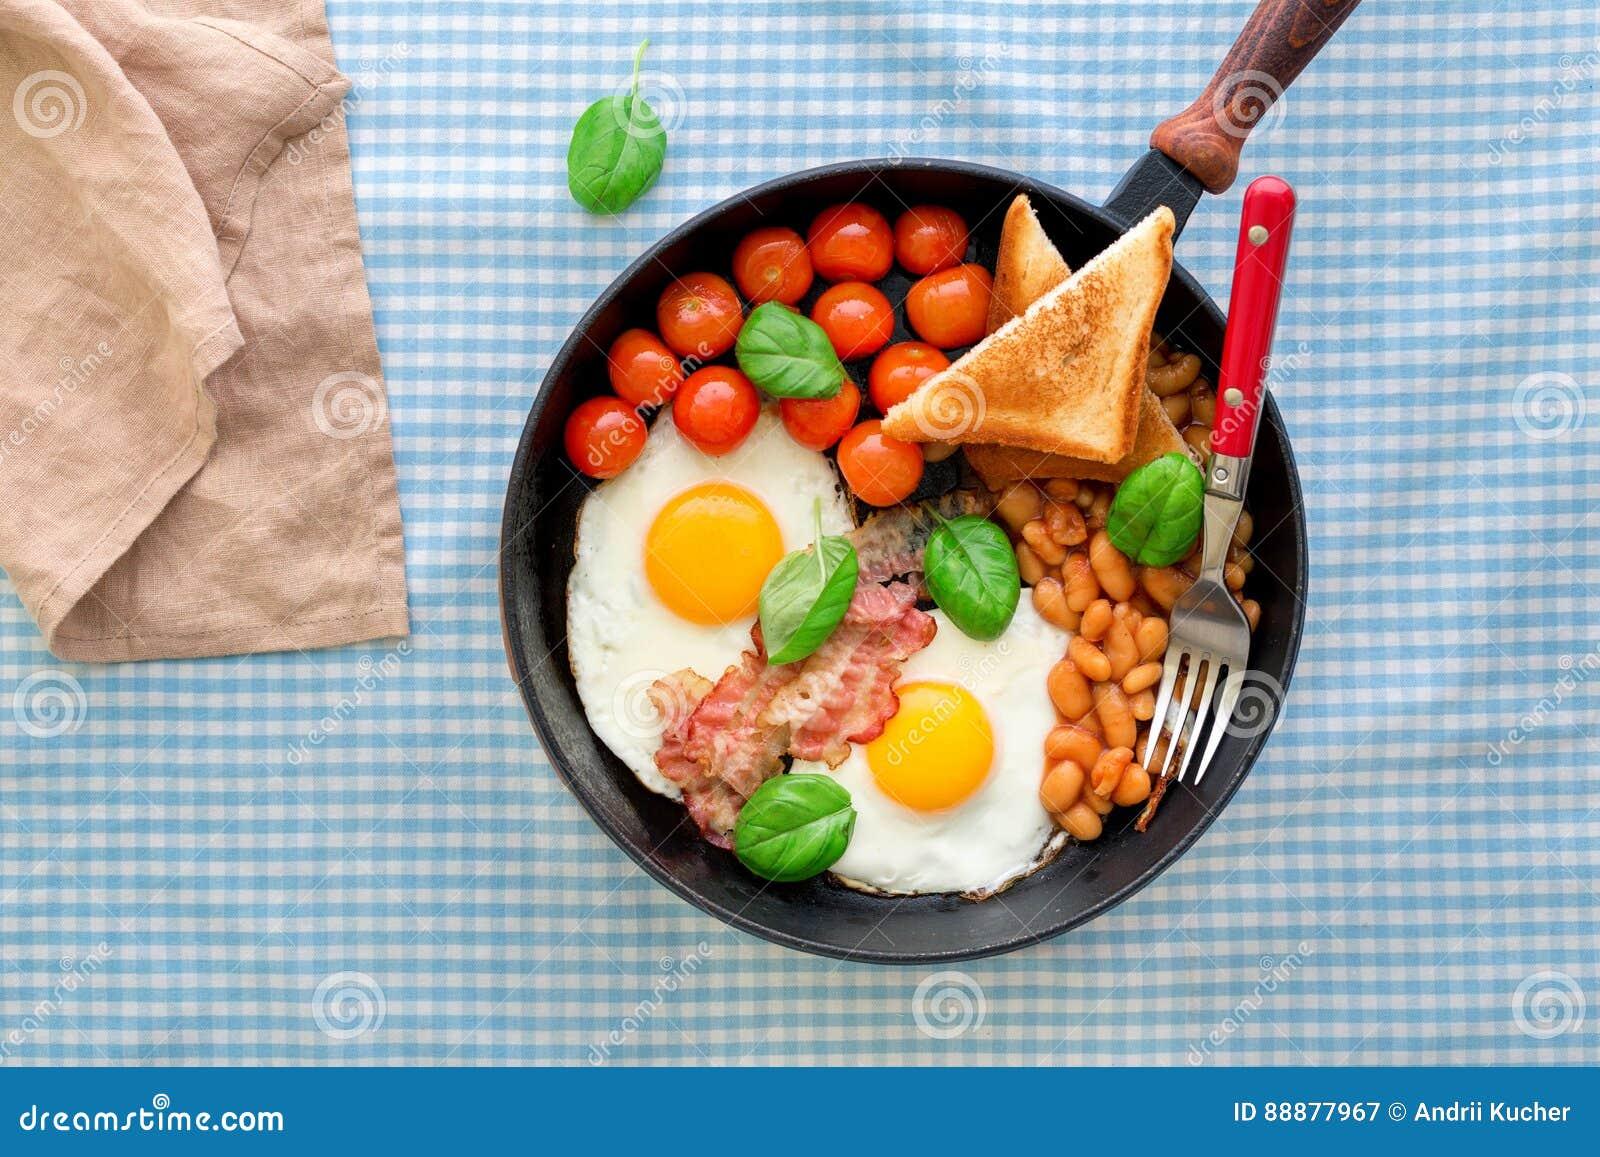 煎蛋、豆、蕃茄、烟肉和多士在平底锅